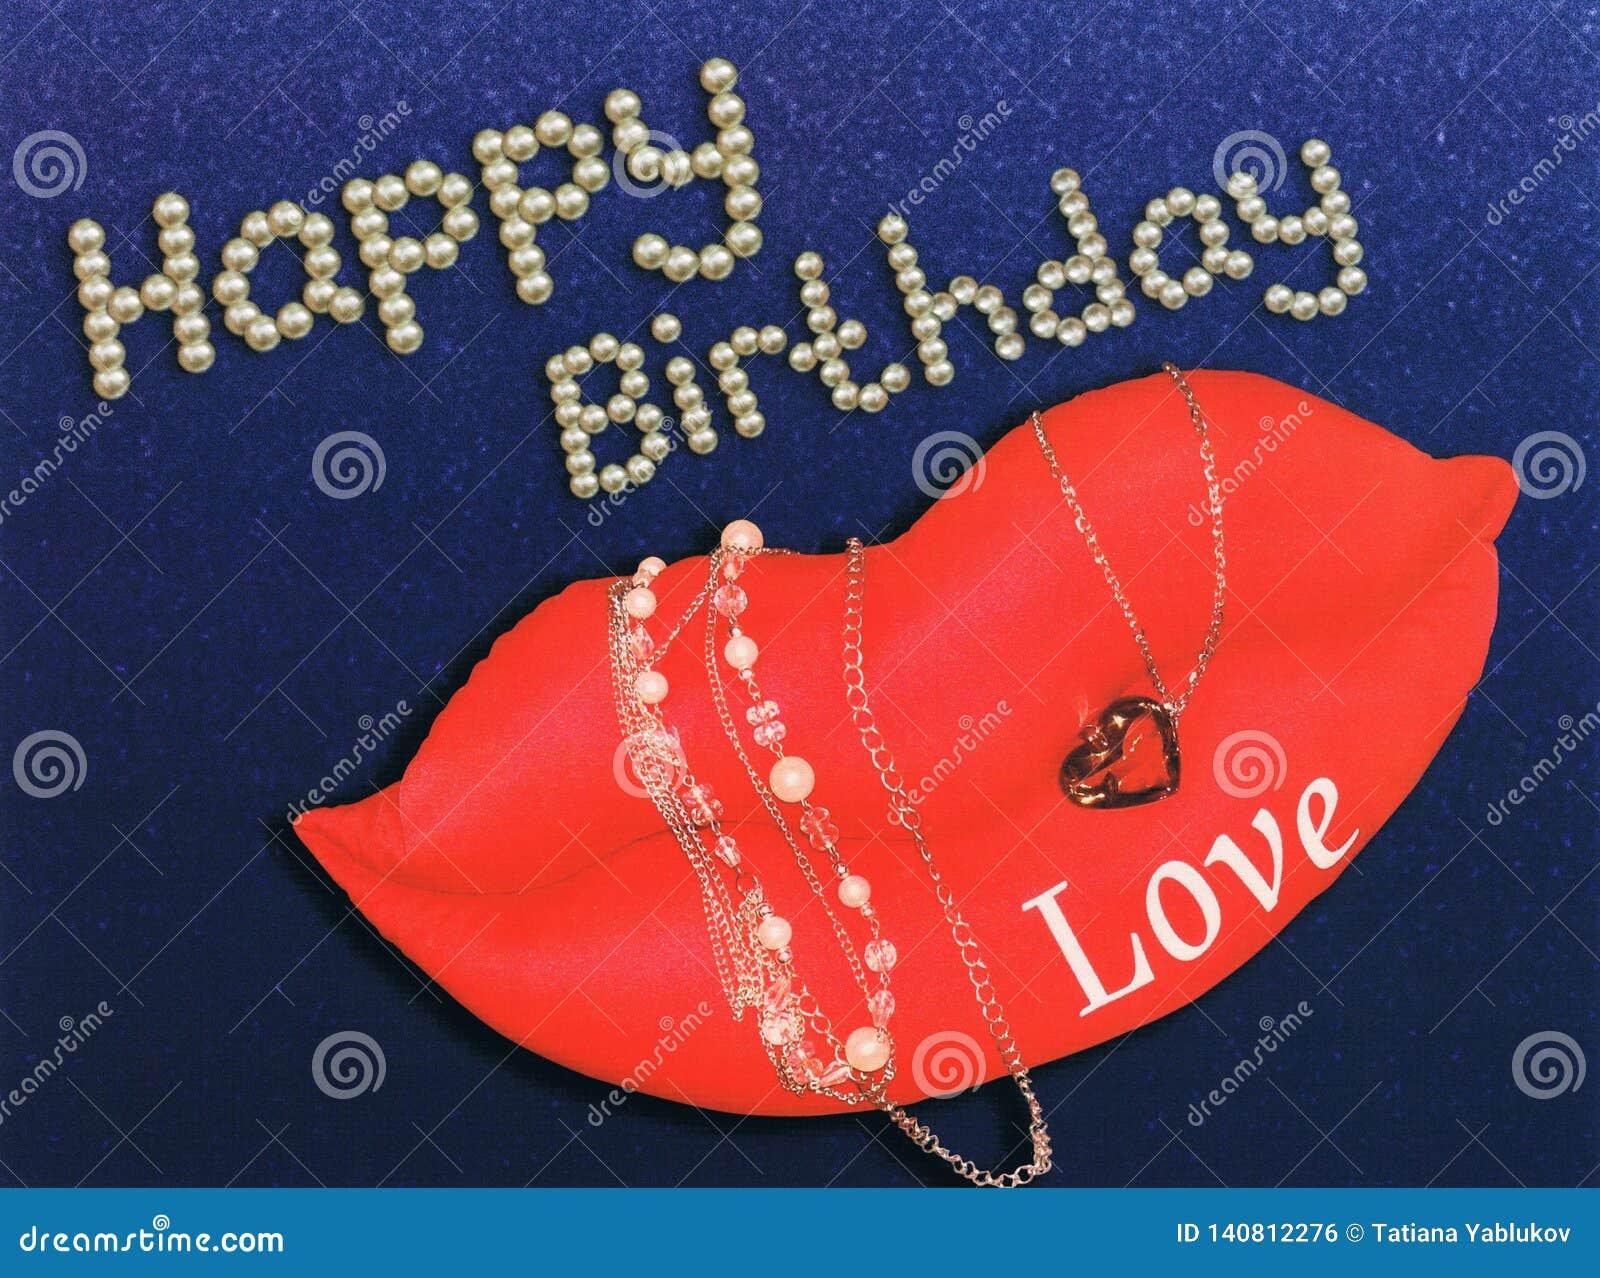 Warg, pereł i klejnotów wszystkiego najlepszego z okazji urodzin powitanie,